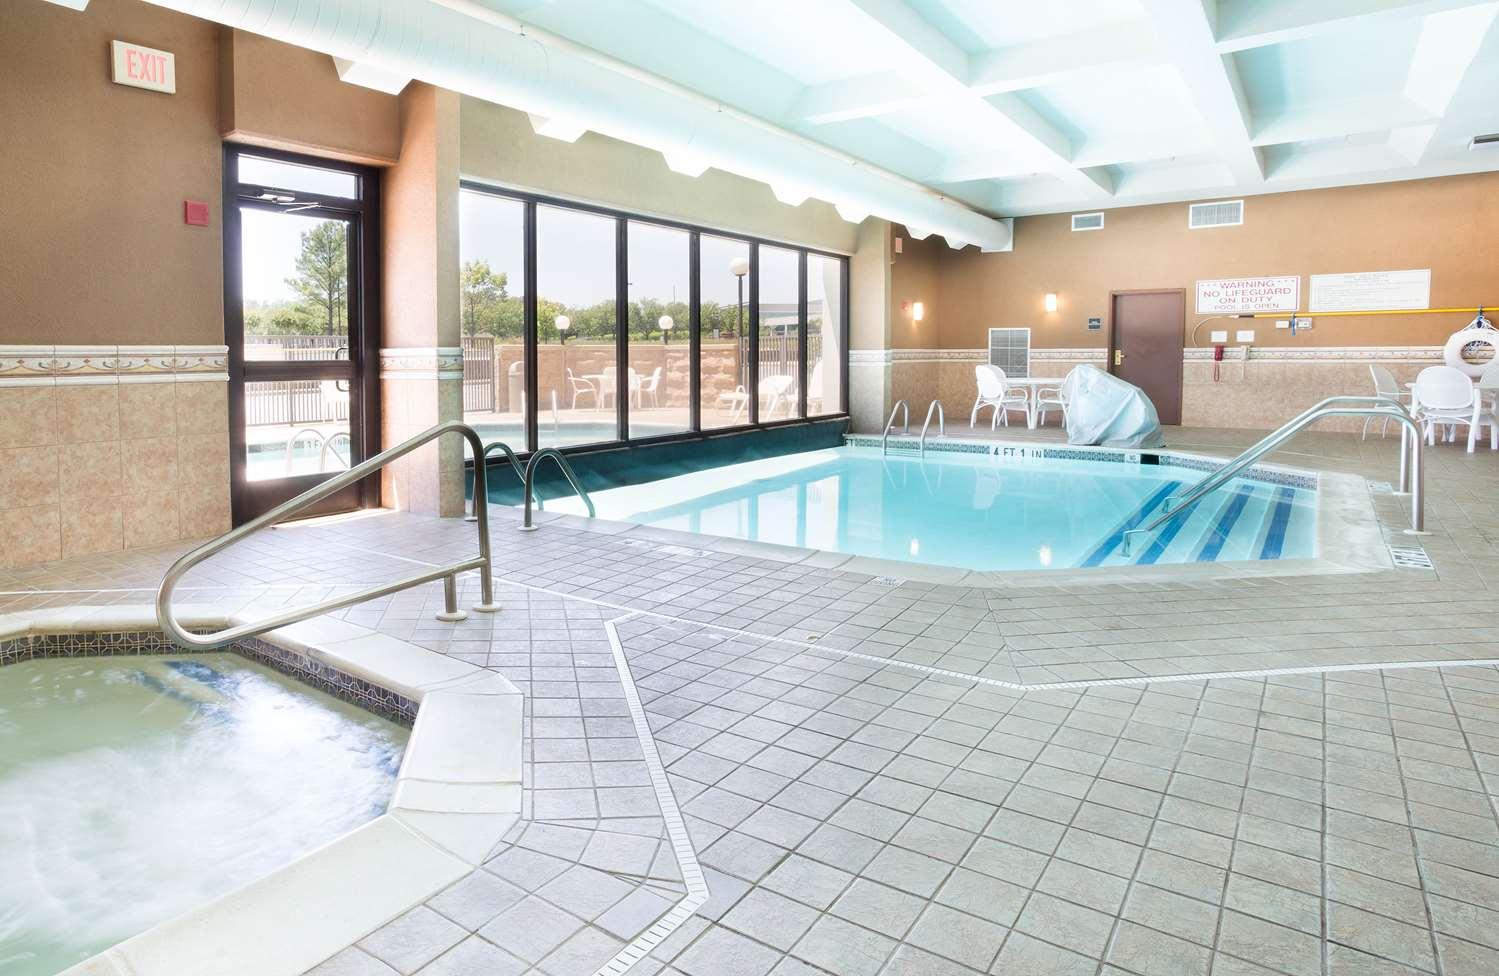 Pool - Drury Inn & Suites Southwest Birmingham